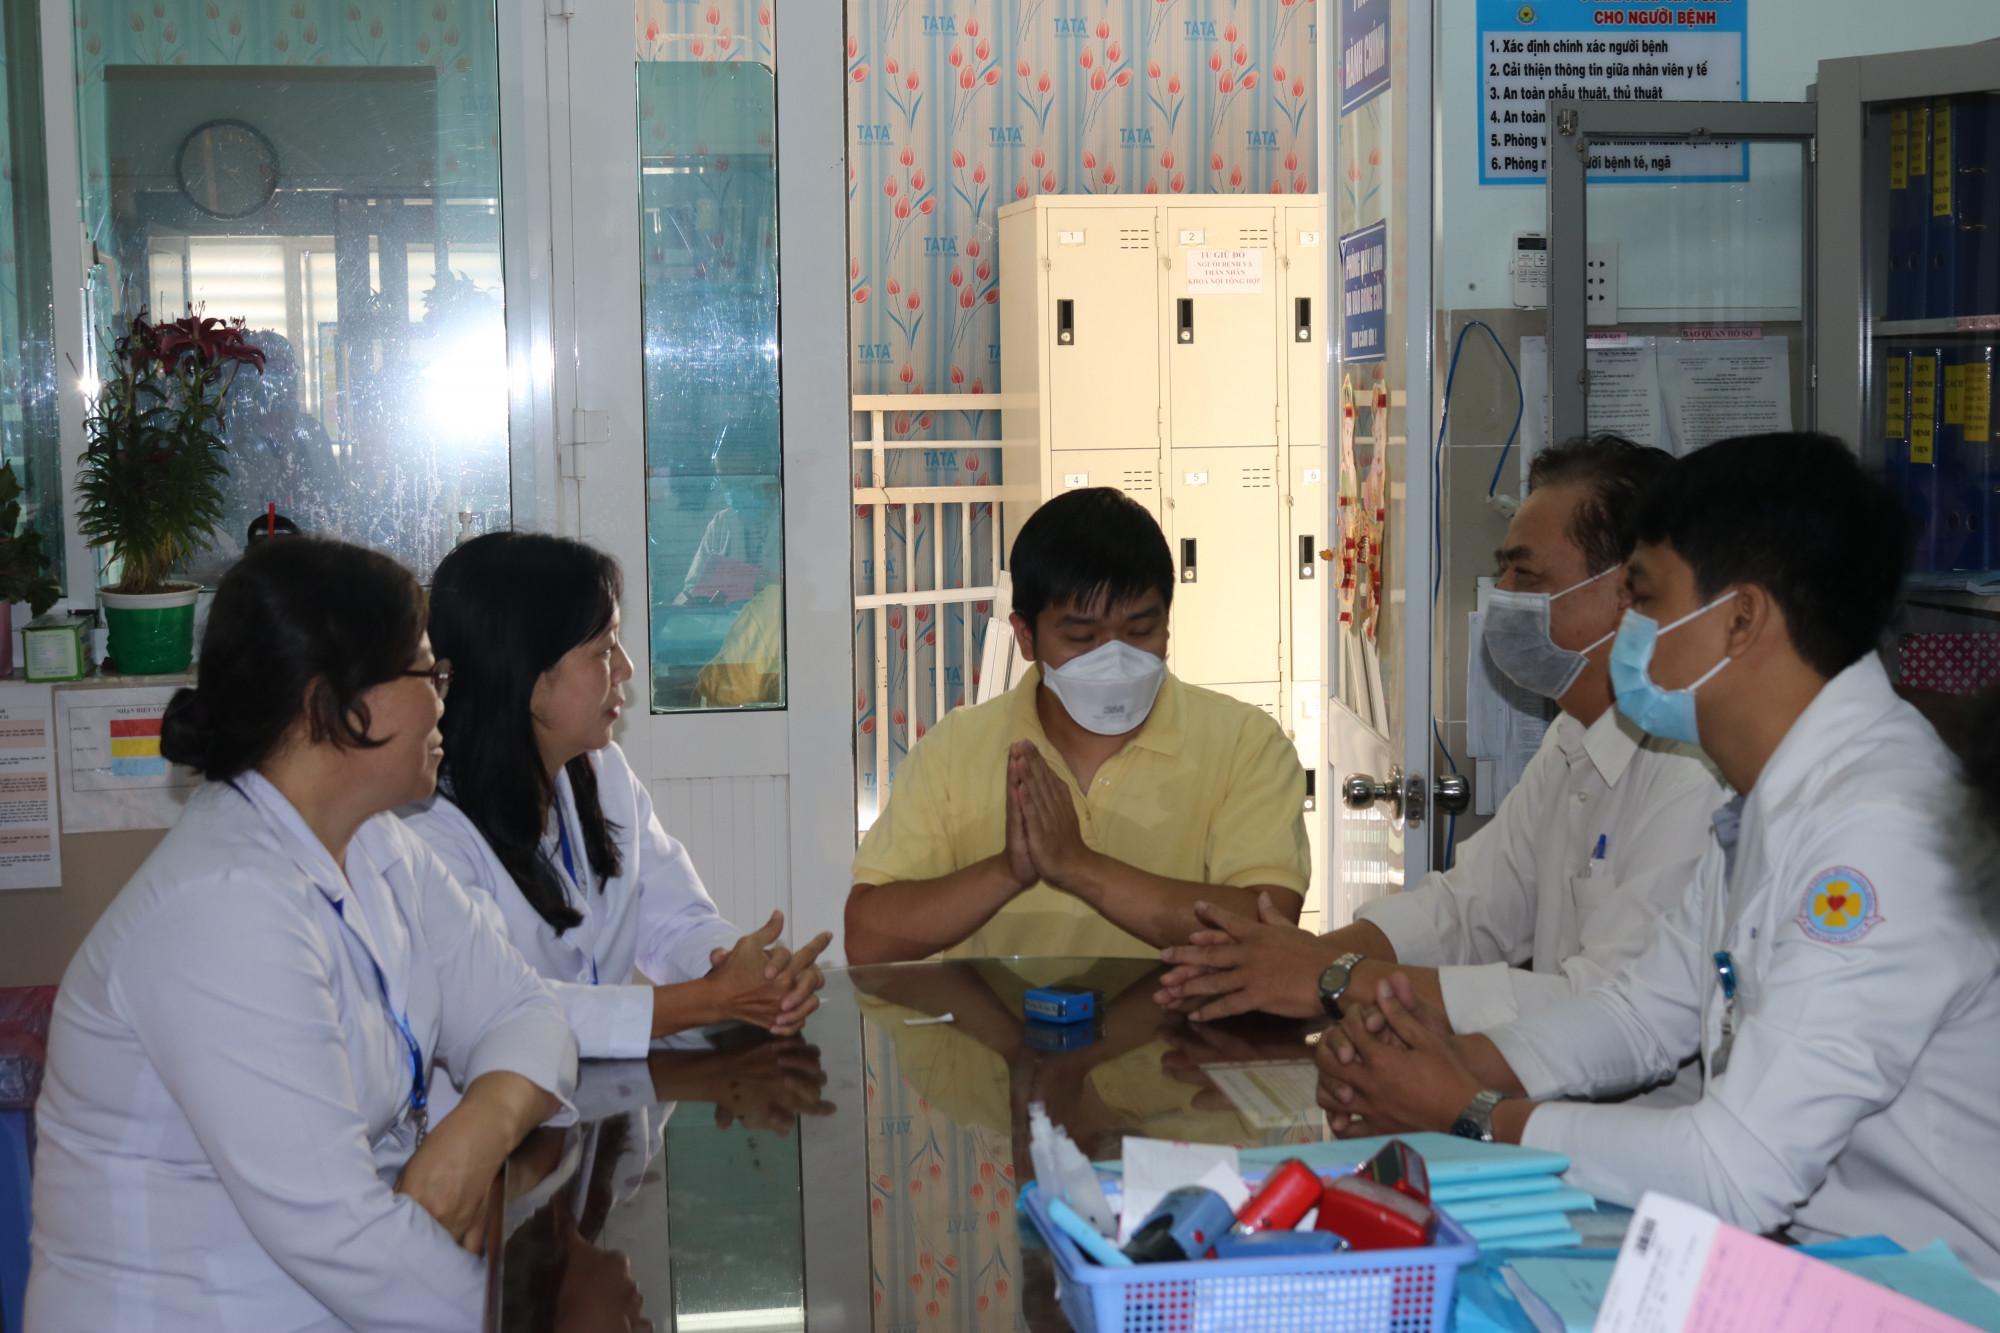 Bệnh nhân Li Zi Chao (28 tuổi, quốc tịch Trung Quốc) là người đầu tiên được Việt Nam chữa hết bệnh virus corona